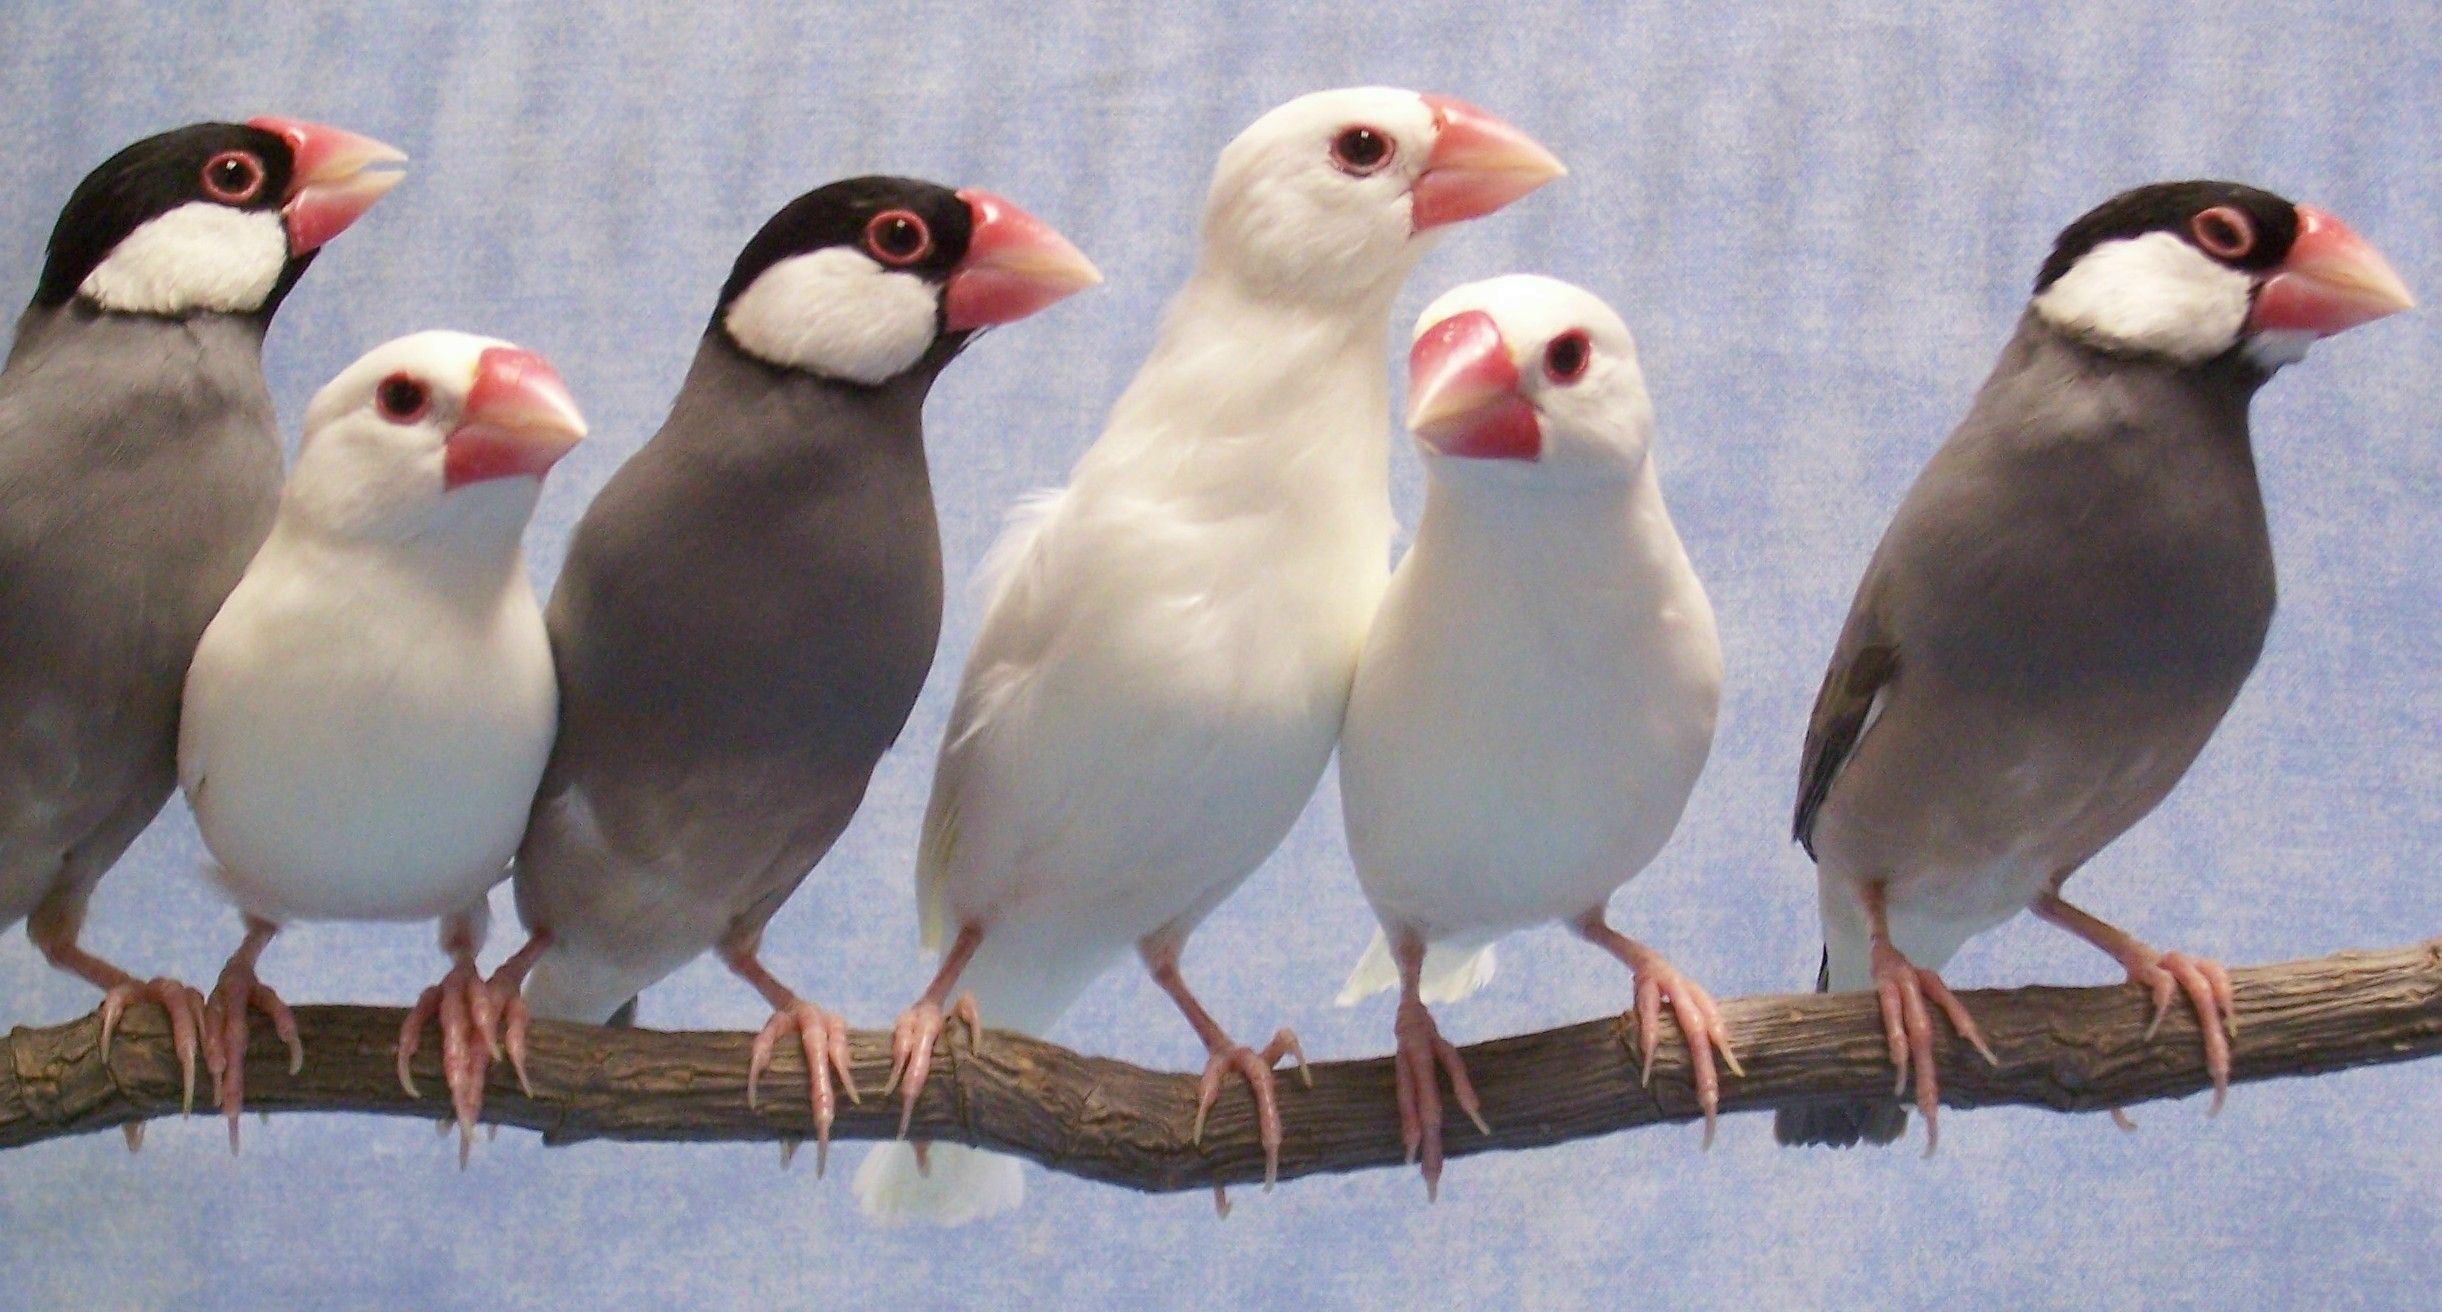 Burung gelatik jawa